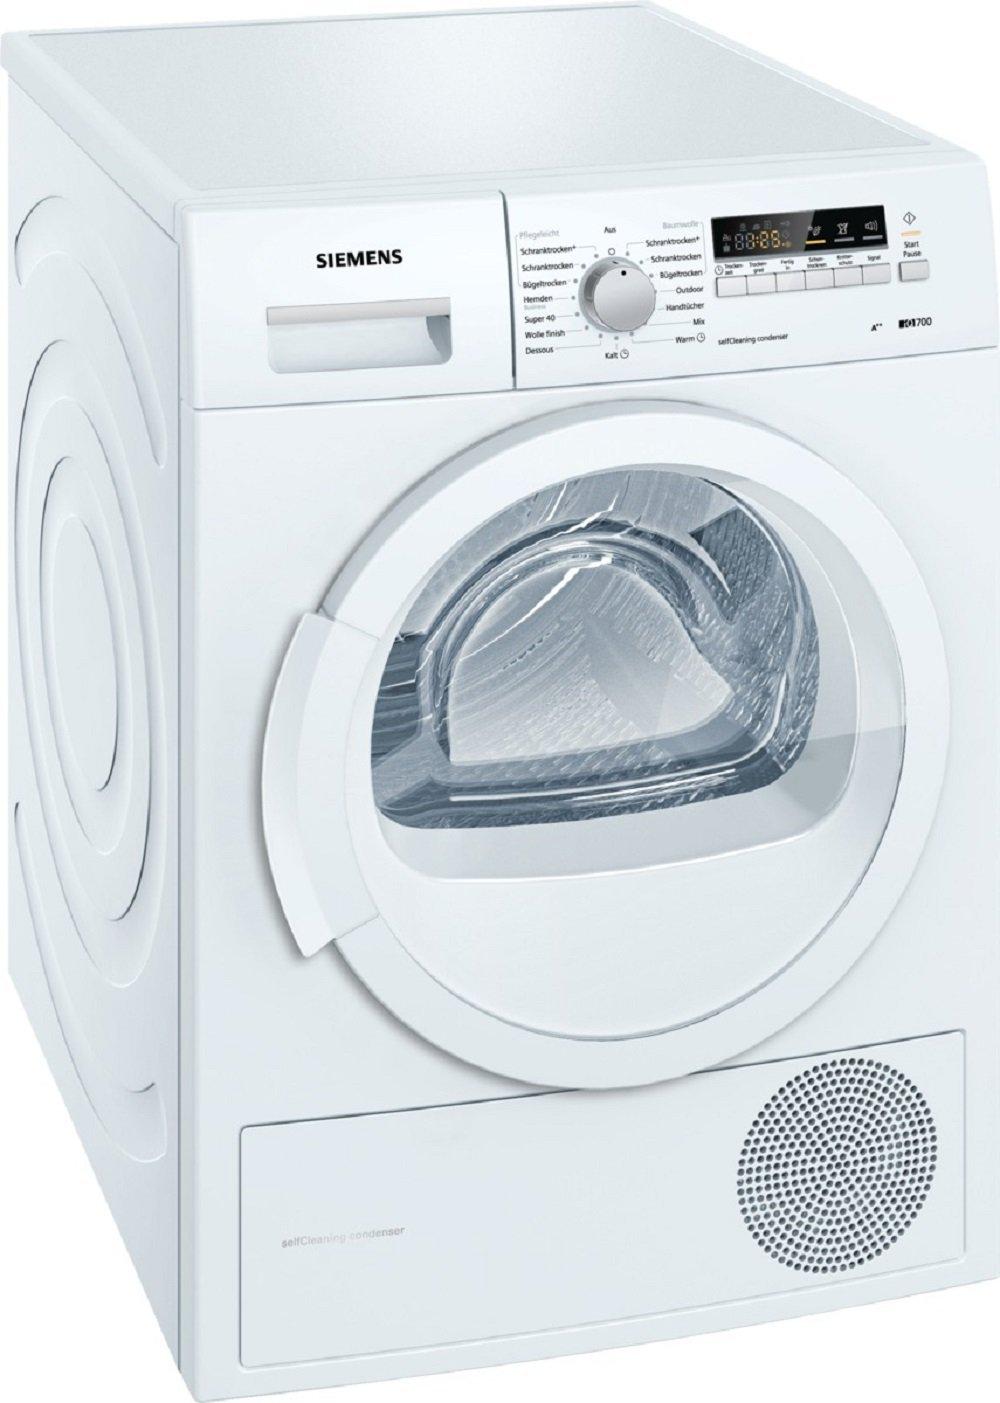 Trockner Siemens kaufen